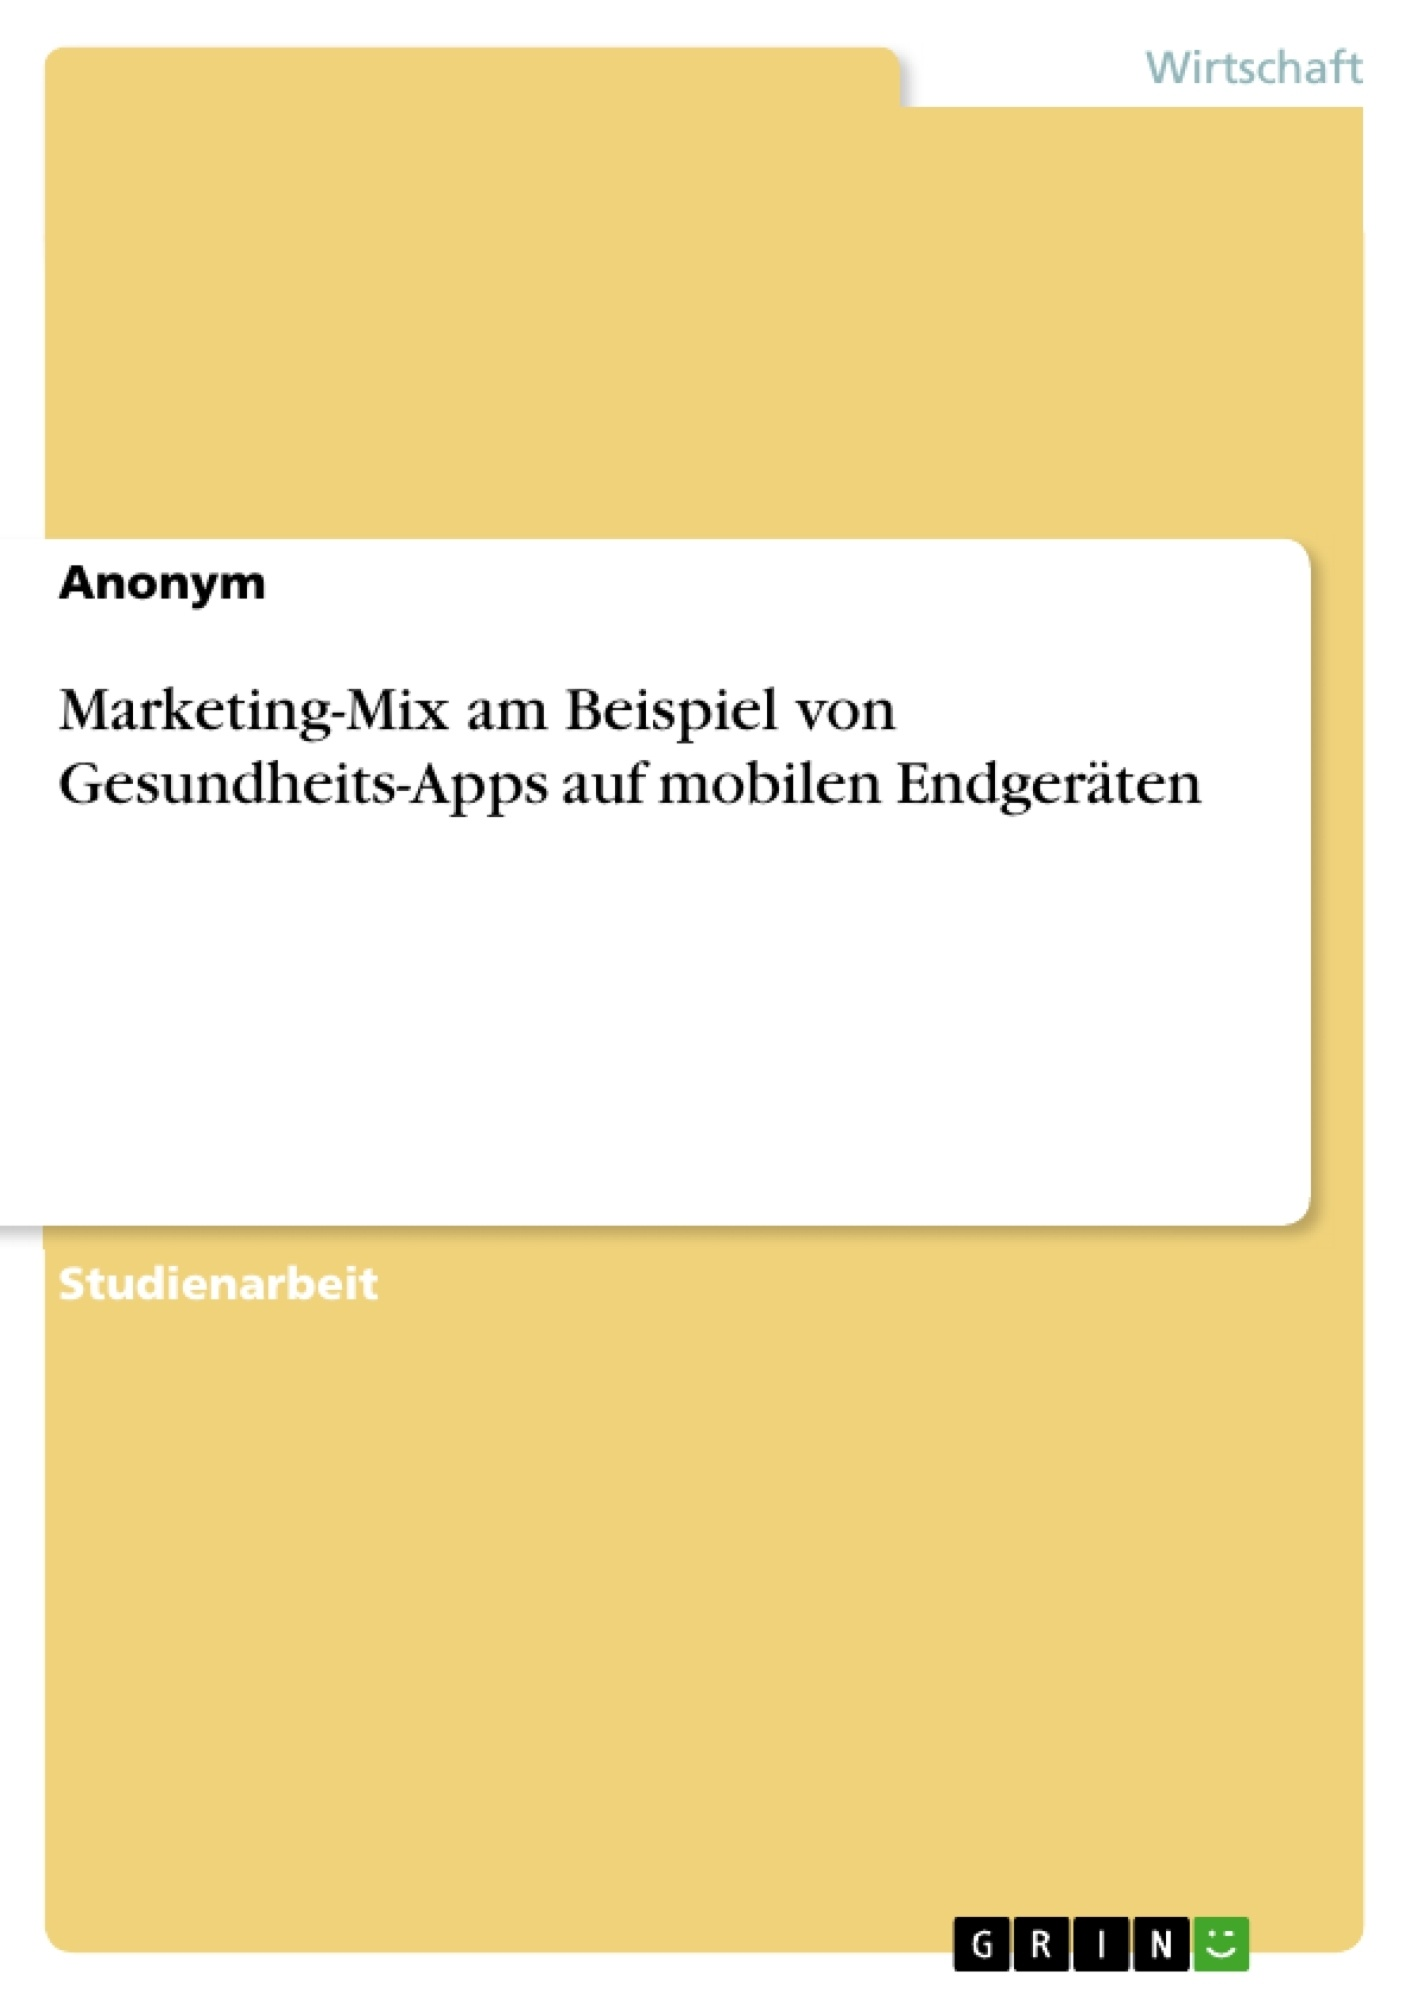 Titel: Marketing-Mix am Beispiel von Gesundheits-Apps auf mobilen Endgeräten